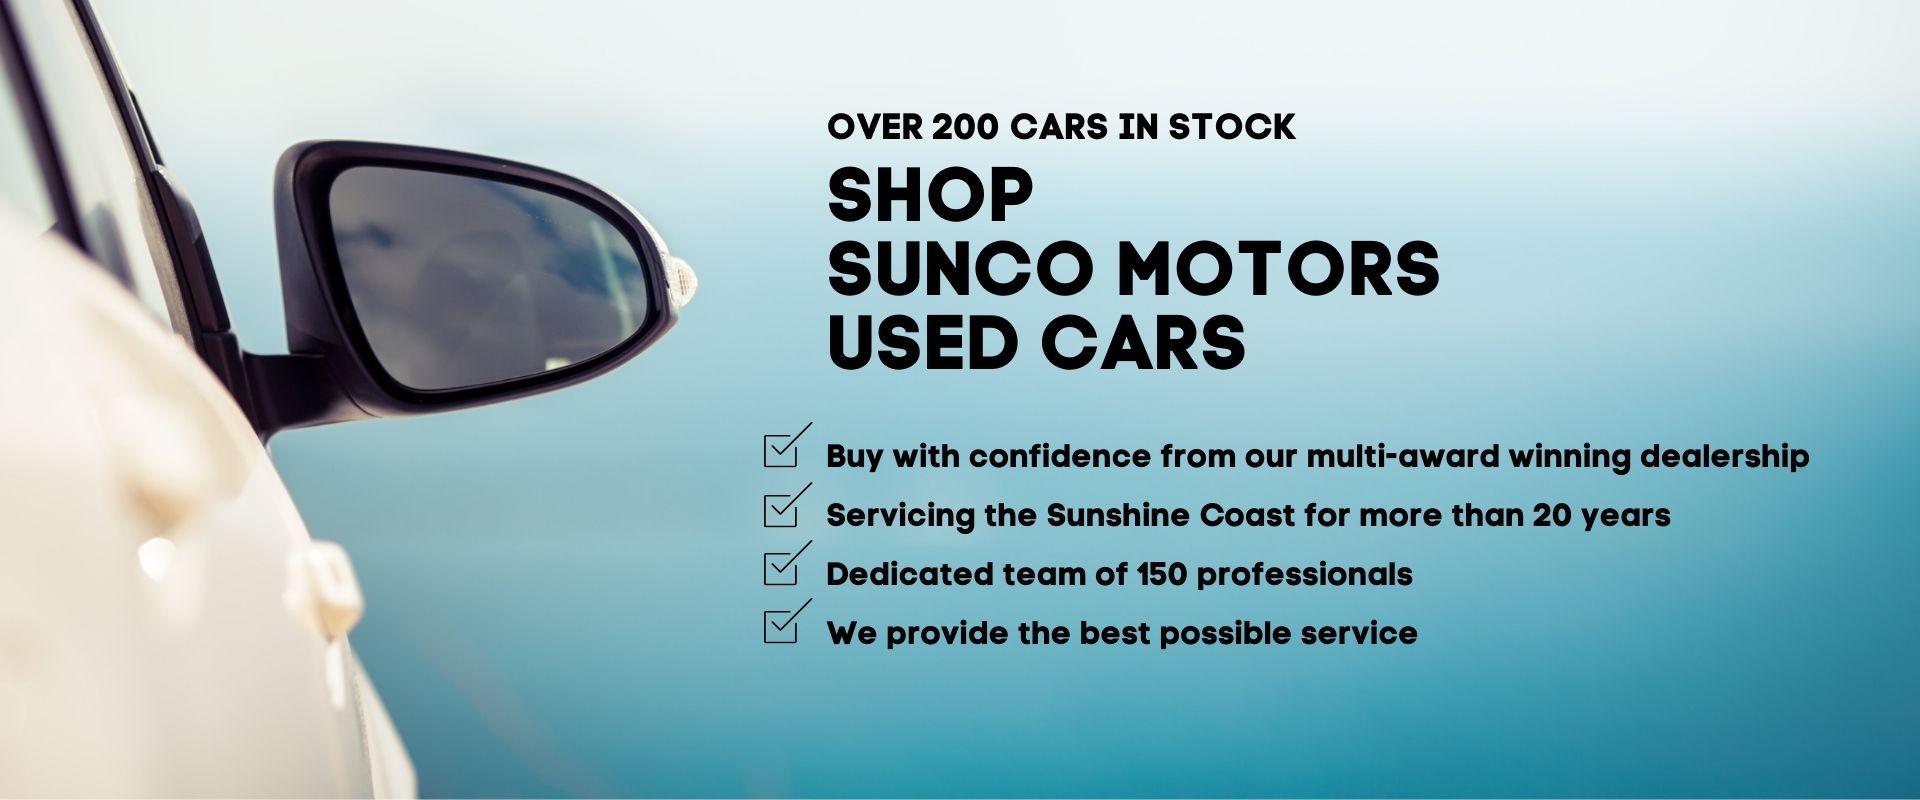 Sunco Used Cars